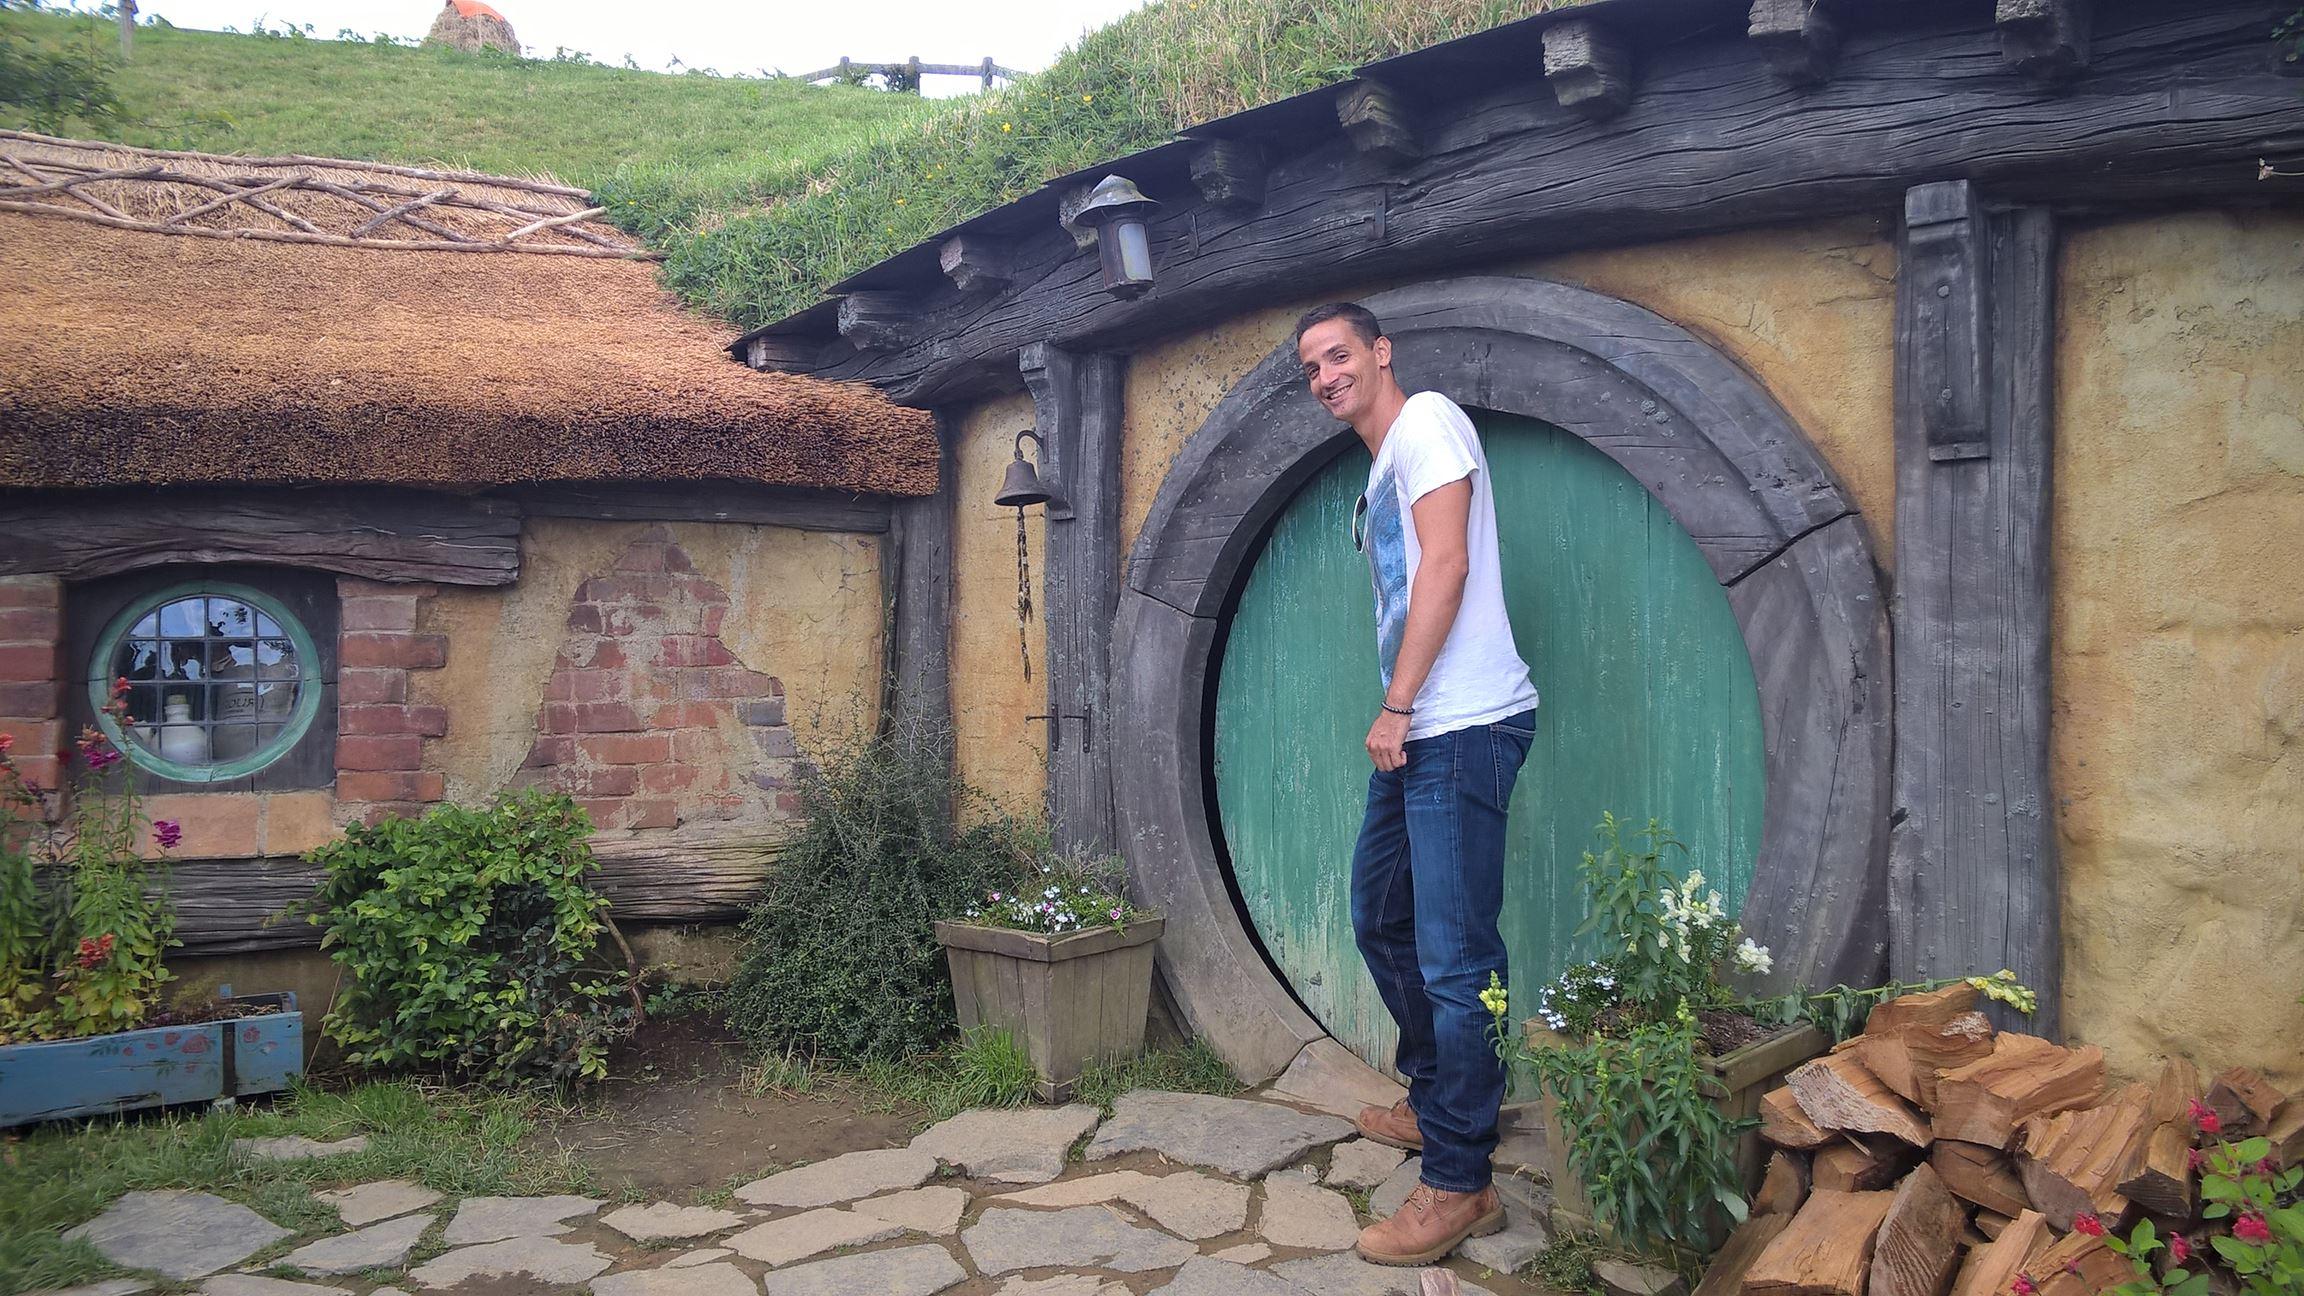 Zu groß für einen Hobbit: Besuch bei Bilbo Baggings